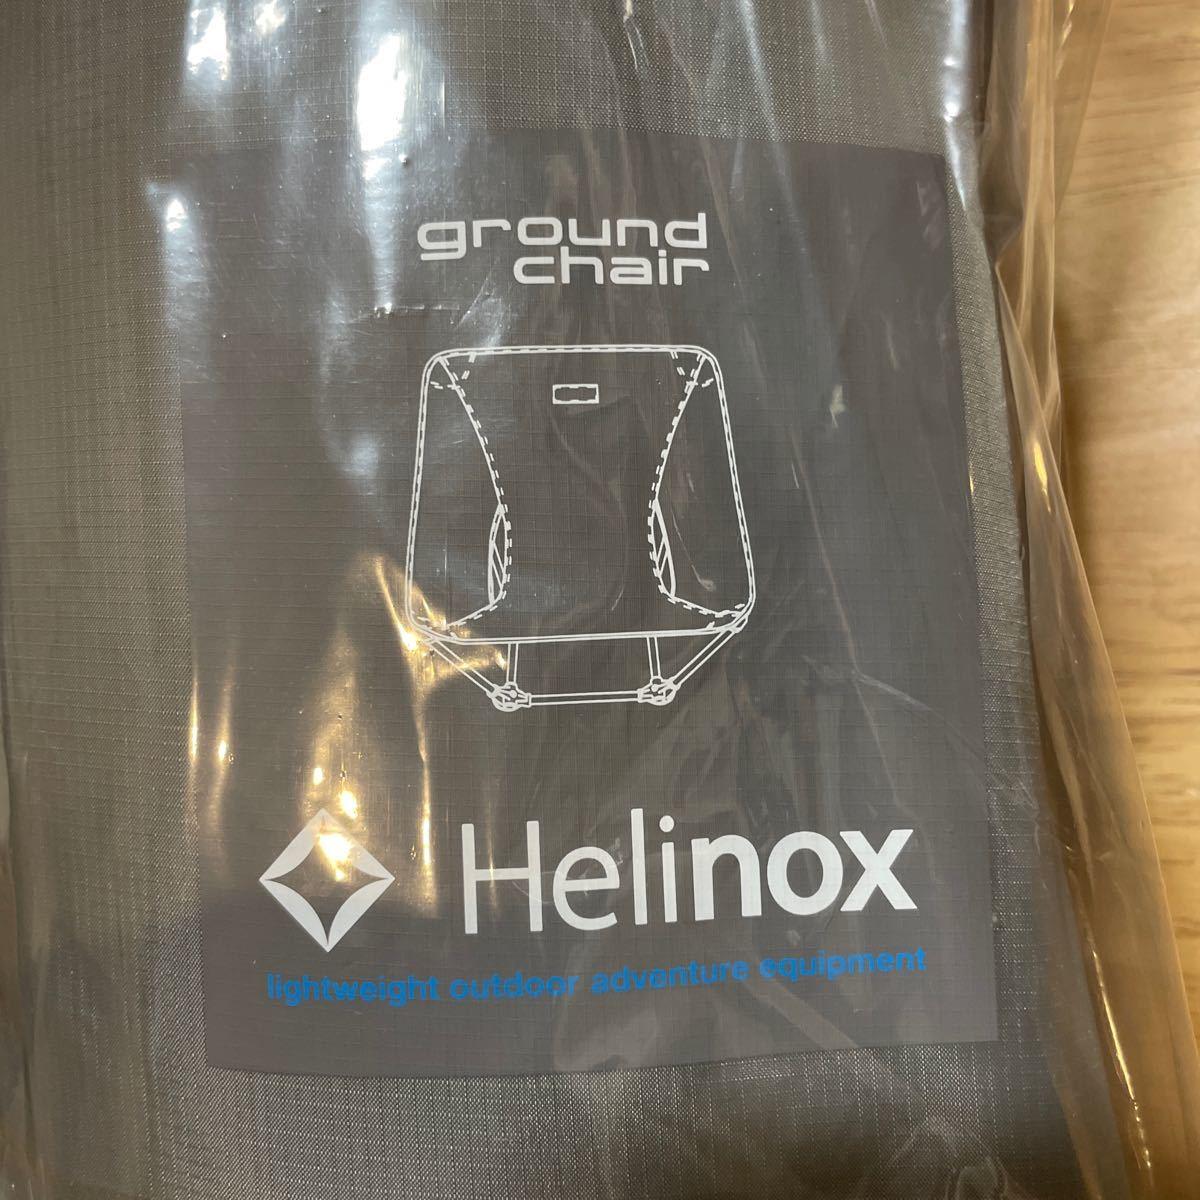 ヘリノックス グラウンドチェア CLBT グランドチェア  正規品 新品未開封 Helinox